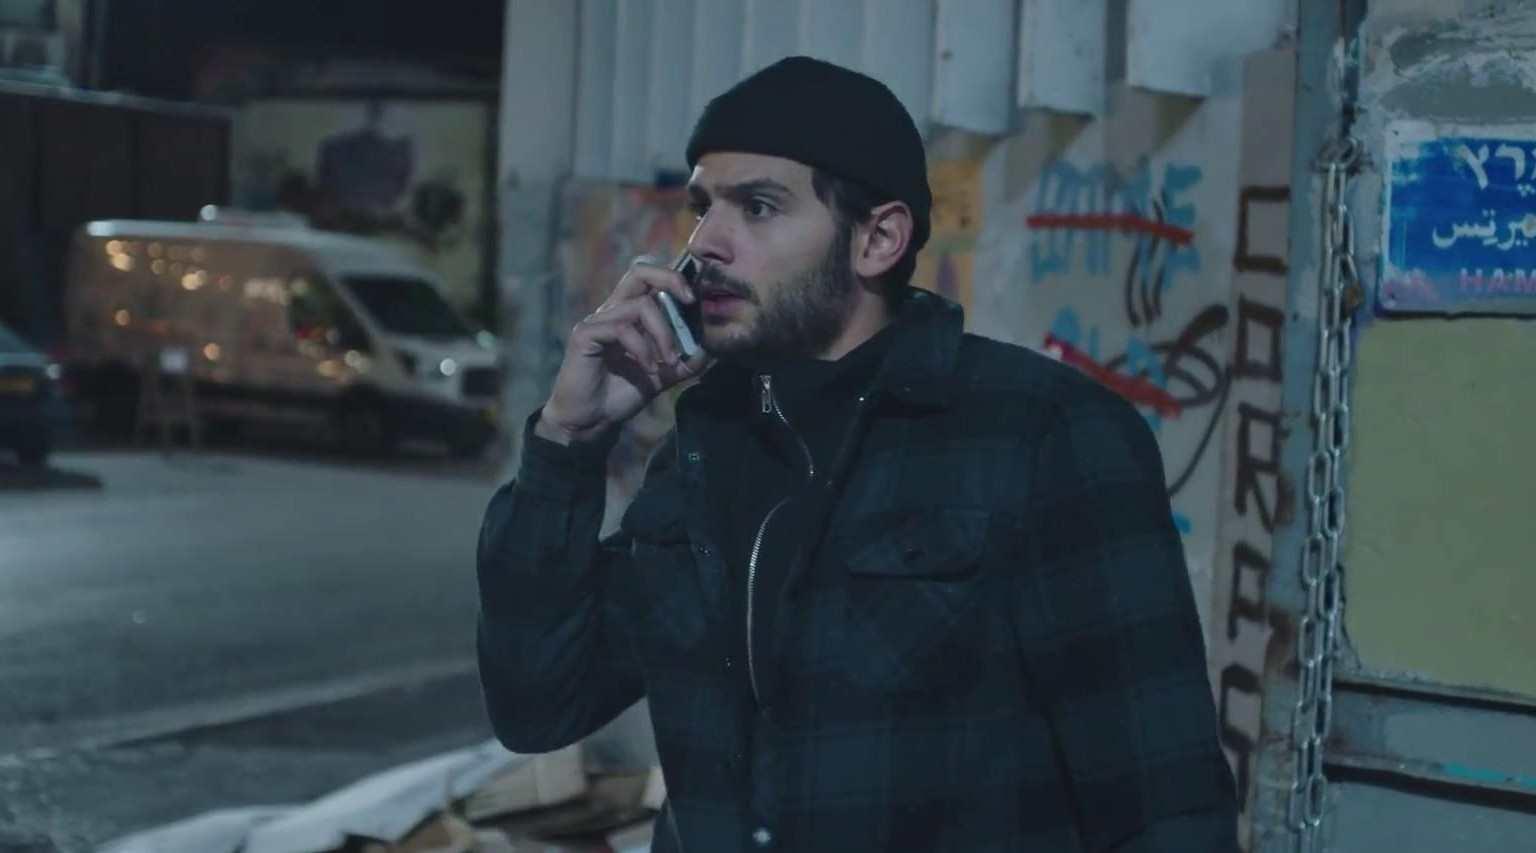 奥斯卡最佳真人短片入围《单车失踪记》